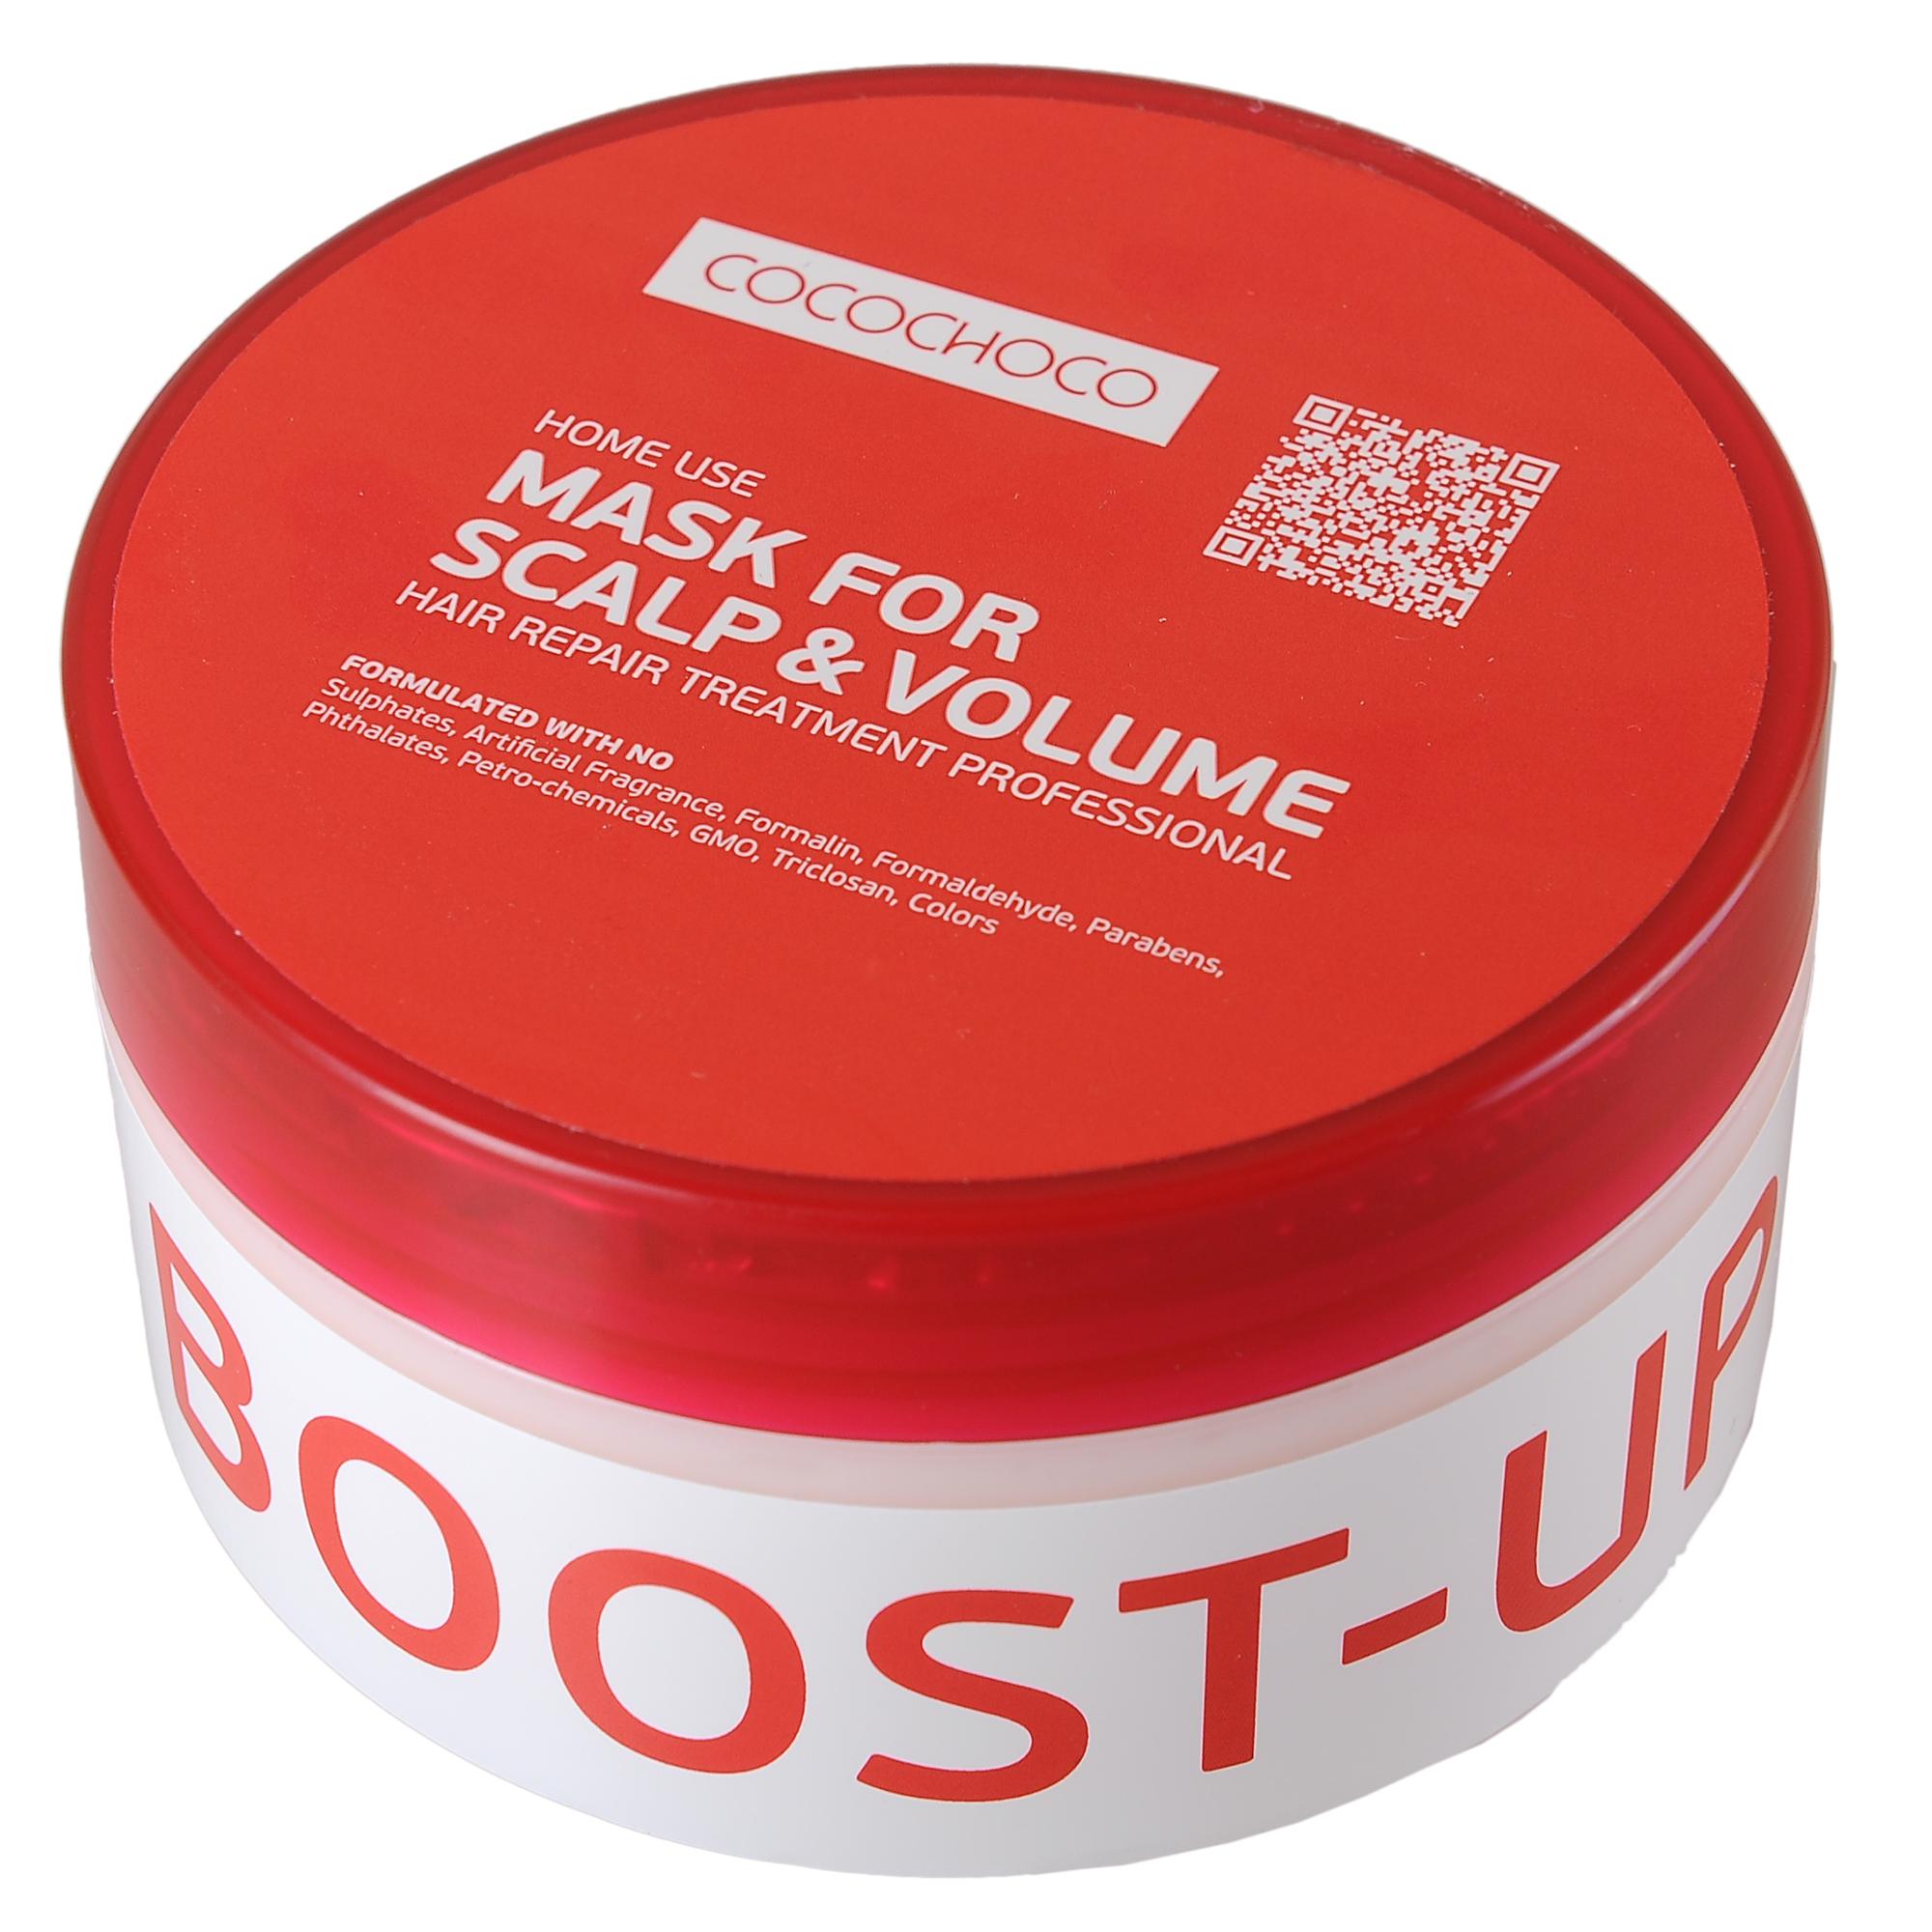 COCOCHOCO Маска для прикорневого объема / BOOST-UP 275 млМаски<br>Маска Boost-Up for Scalp &amp;amp; Volume для прикорневого объёма помогает решить проблемы тонких, лишённых объёма волос, не утяжеляя их. Кроме того, великолепно очищает кожу головы, склонной к жирности, позволяя нормализовать работу сальных желез, благодаря чему волосы намного дольше сохраняют свою чистоту и свежесть. Способ применения: равномерно нанести небольшое количество мягкими массажными движениями на влажные волосы. Оставить на 3-5 минут. Тщательно смыть тёплой водой. Применяется дважды в неделю, вместо кондиционера. Активные ингредиенты: смягчение (масла): аргана, олива. Питание (экстракты): сверция японская, лопух, овес, алоэ. Восстановление (аминокислоты): гиалуроновая кислота, альгинаты, пантенол D-5. Уплотнение (протеины): протеин пшеницы, натуральный кератин, протеин сои, молочный казеин. Текстура: силанетриол, феноксиэтанол, бензиловый спирт.<br><br>Объем: 275 мл